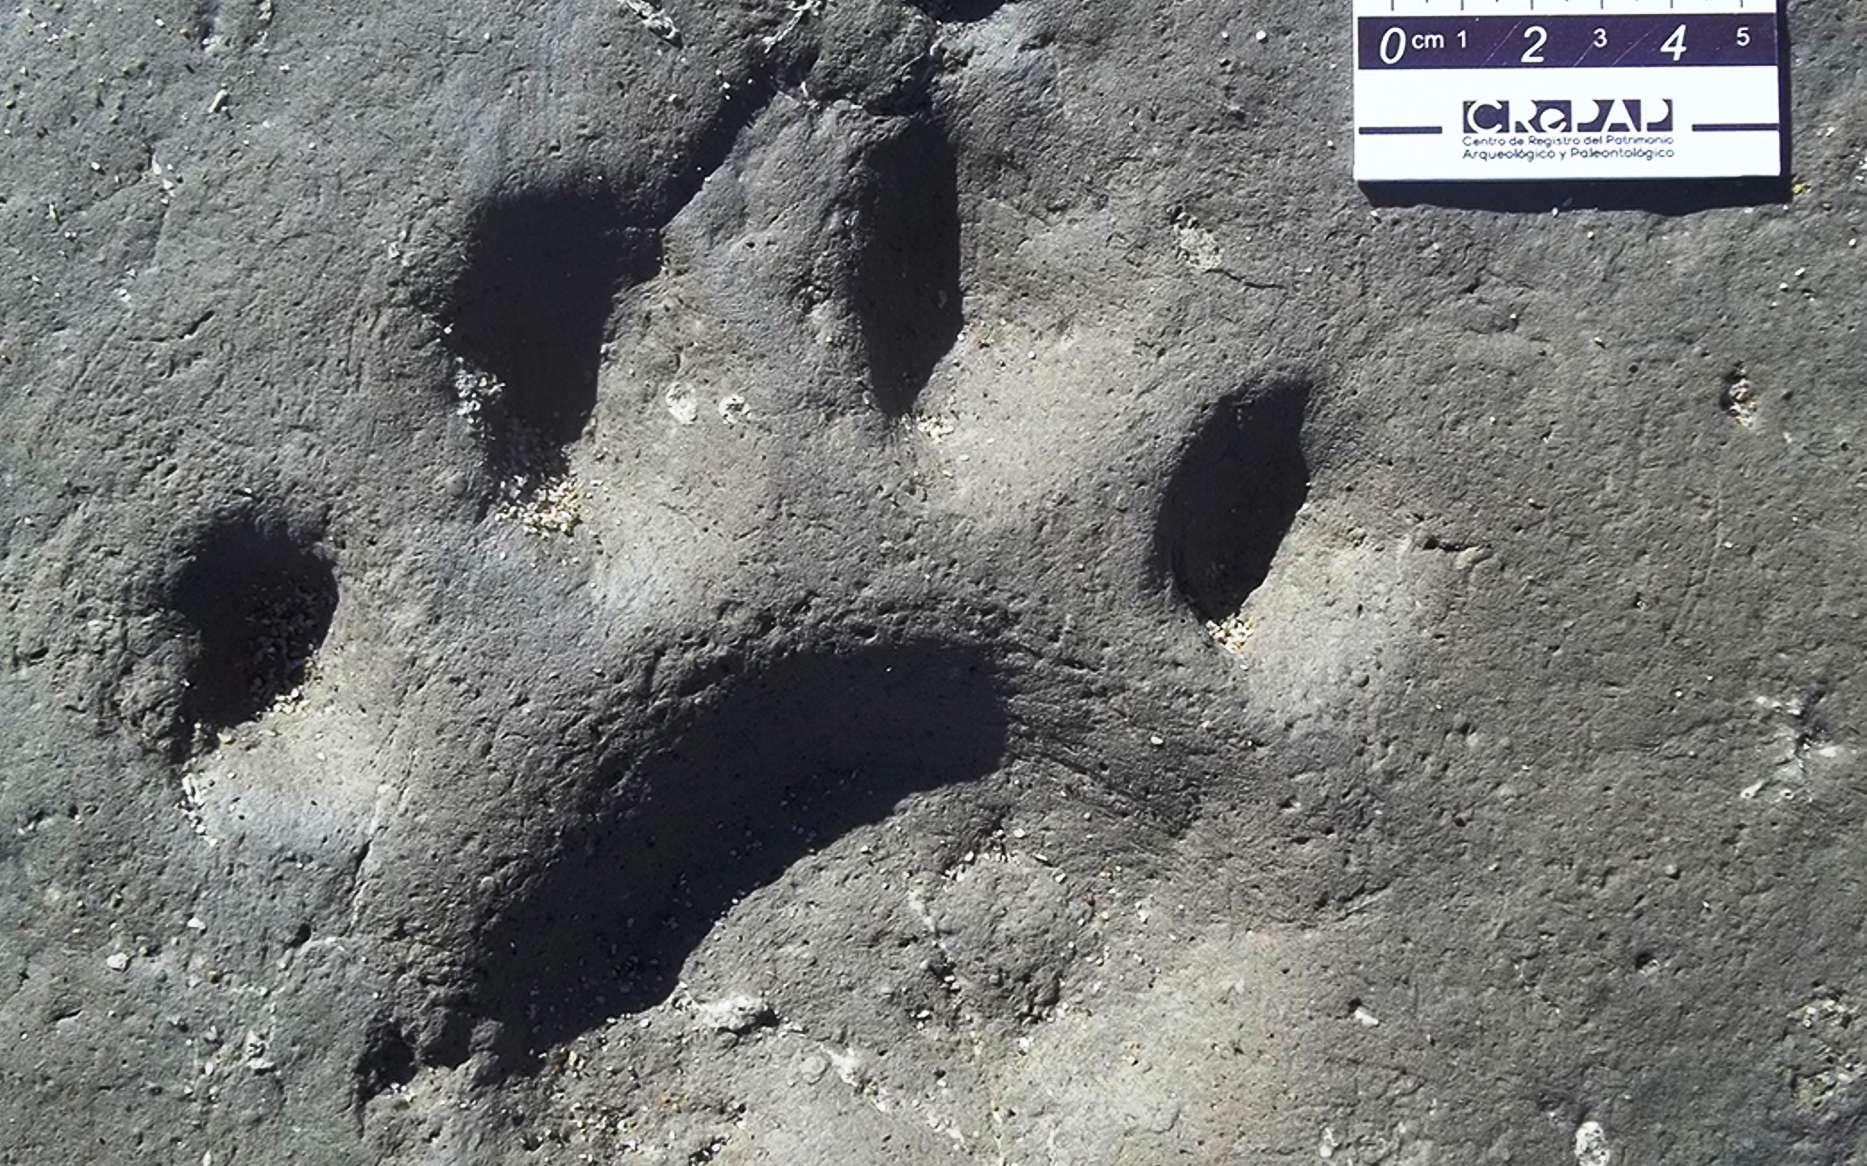 Une des quatre empreintes de pas laissées par un Smilodon en Argentine il y a environ 50.000 ans. Sa taille est d'environ 19 centimètres. © Daniel Boh, Museo Municipal de Miramar